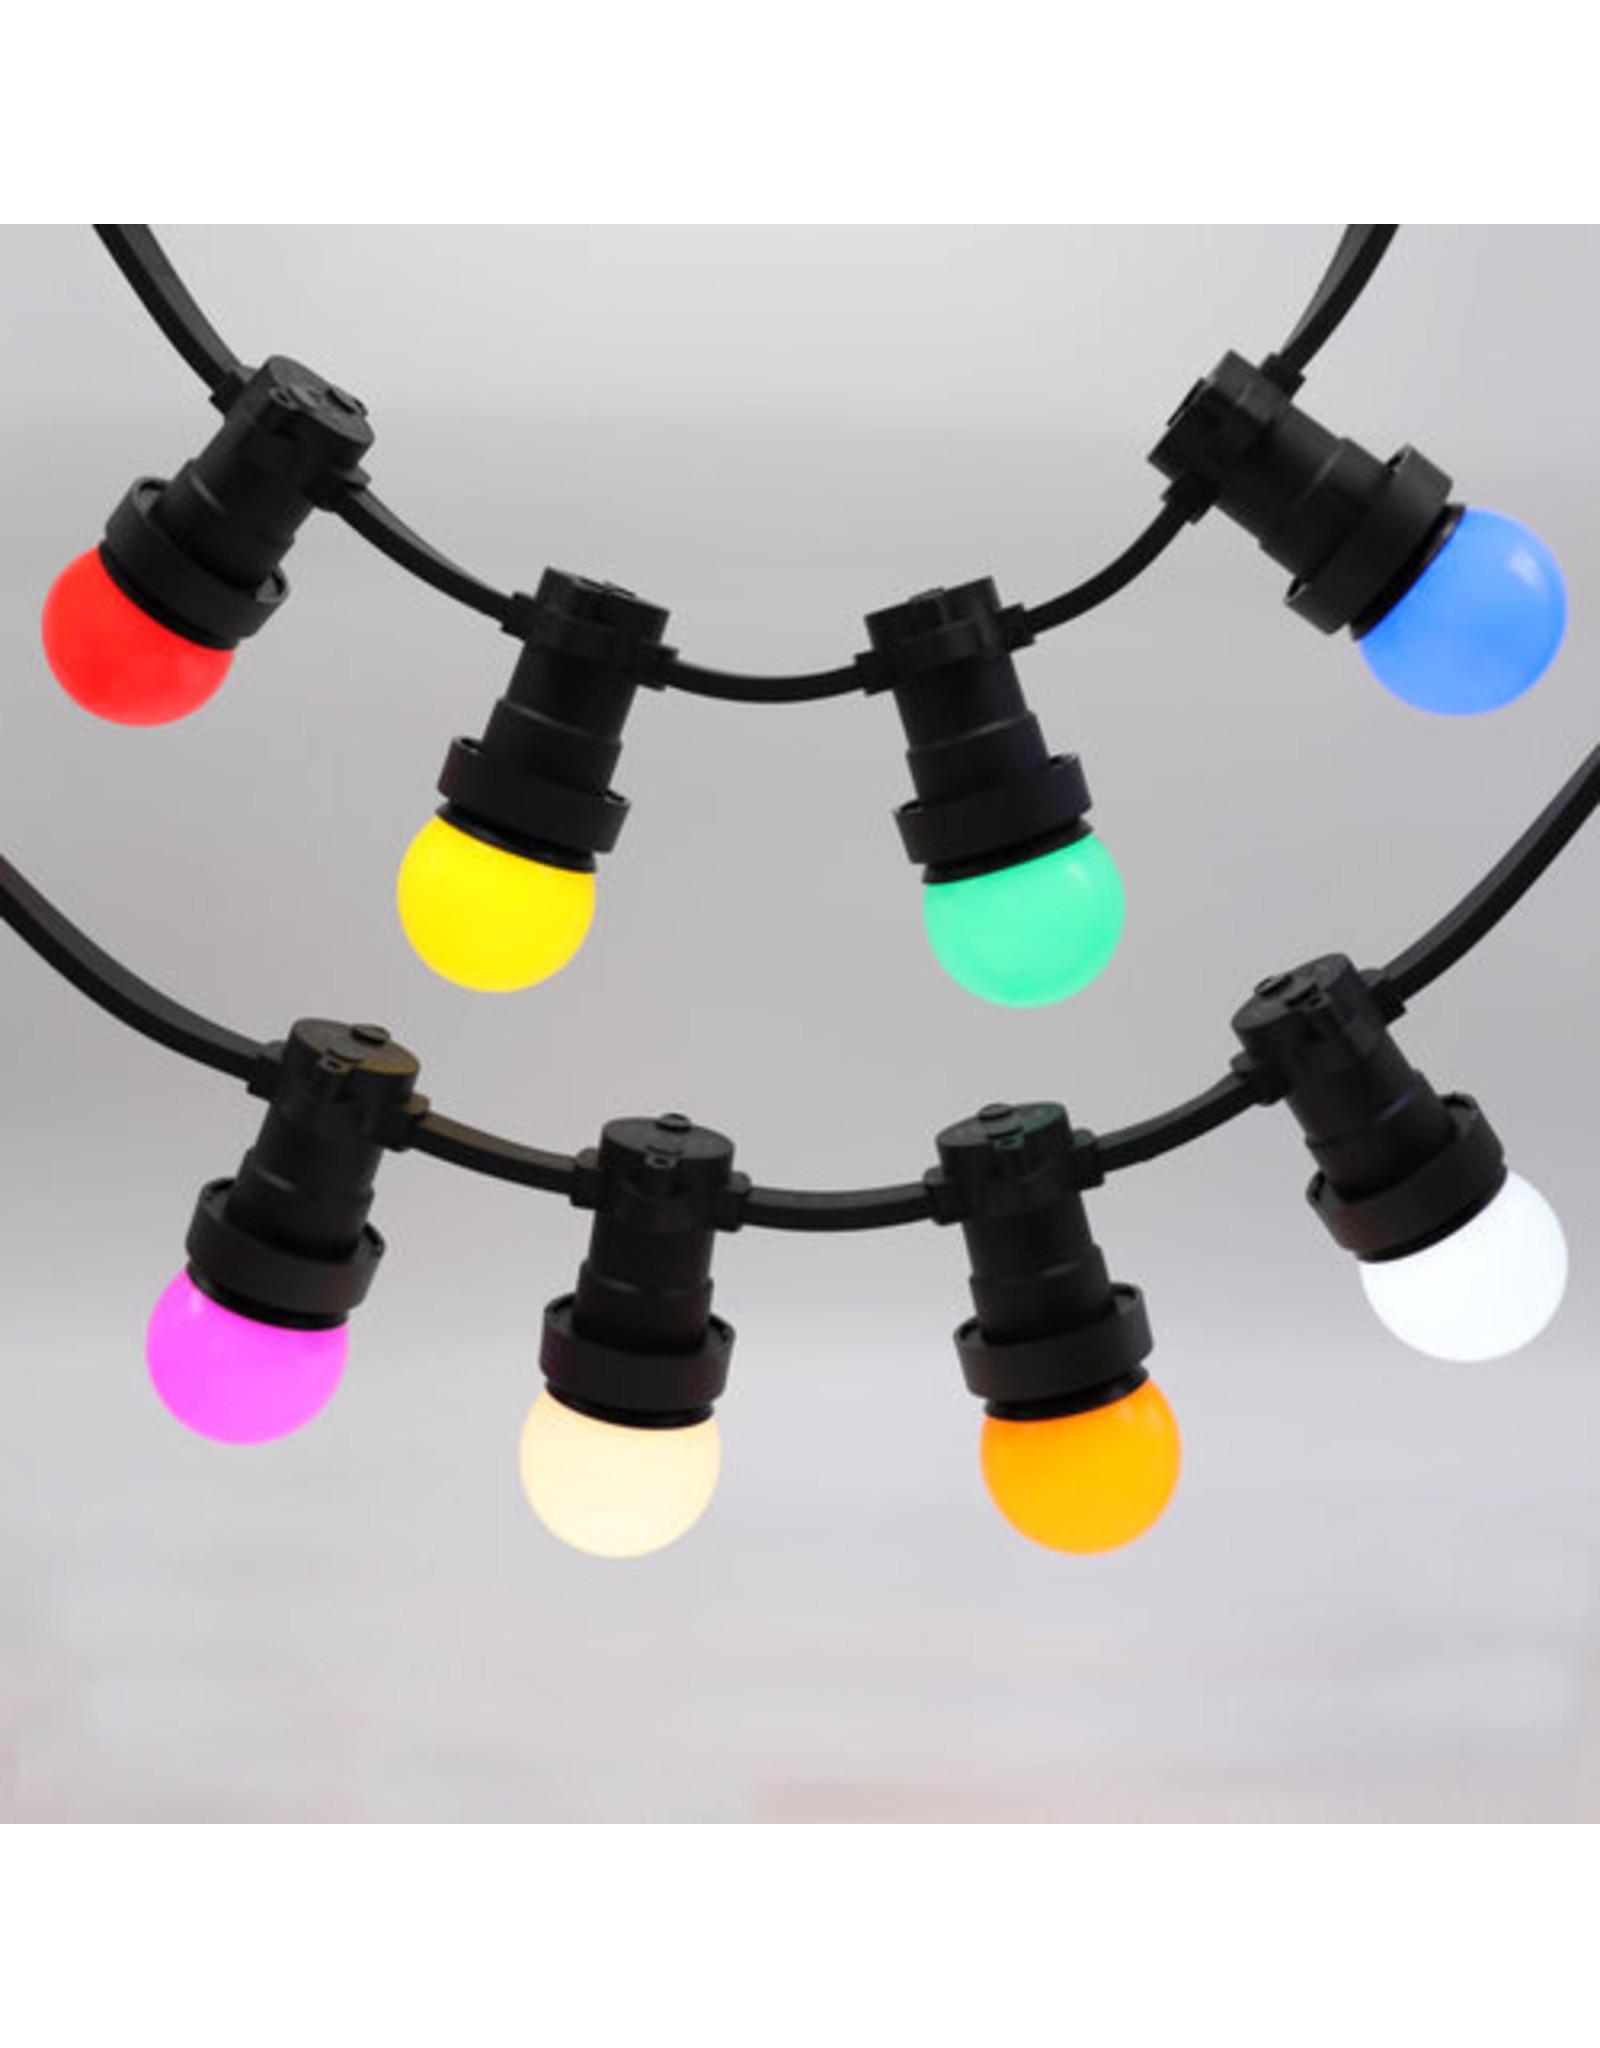 Lights guirlande 8 kleuren gemixte LED lampen - 1 watt